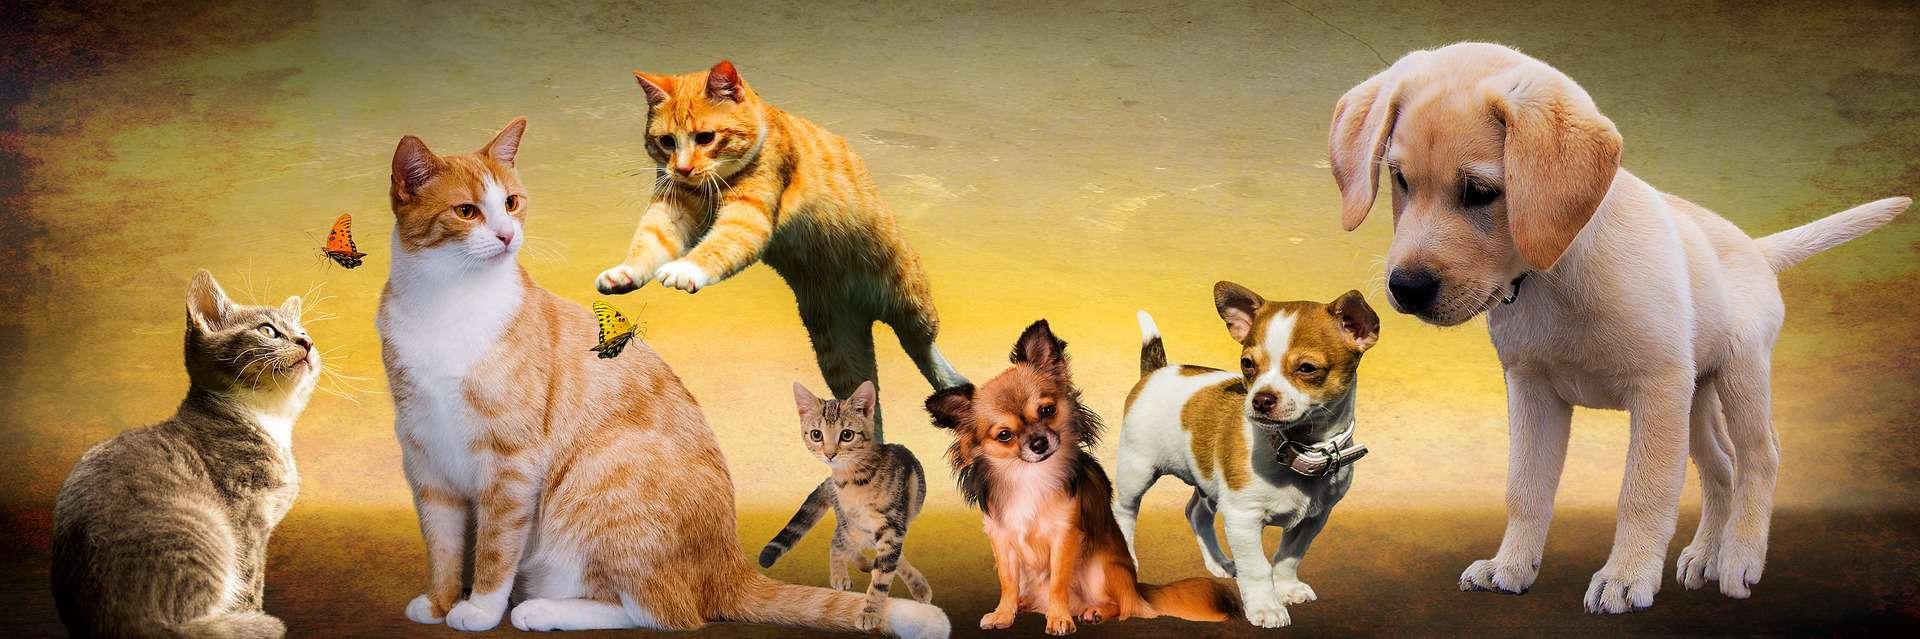 animals-banner-1920